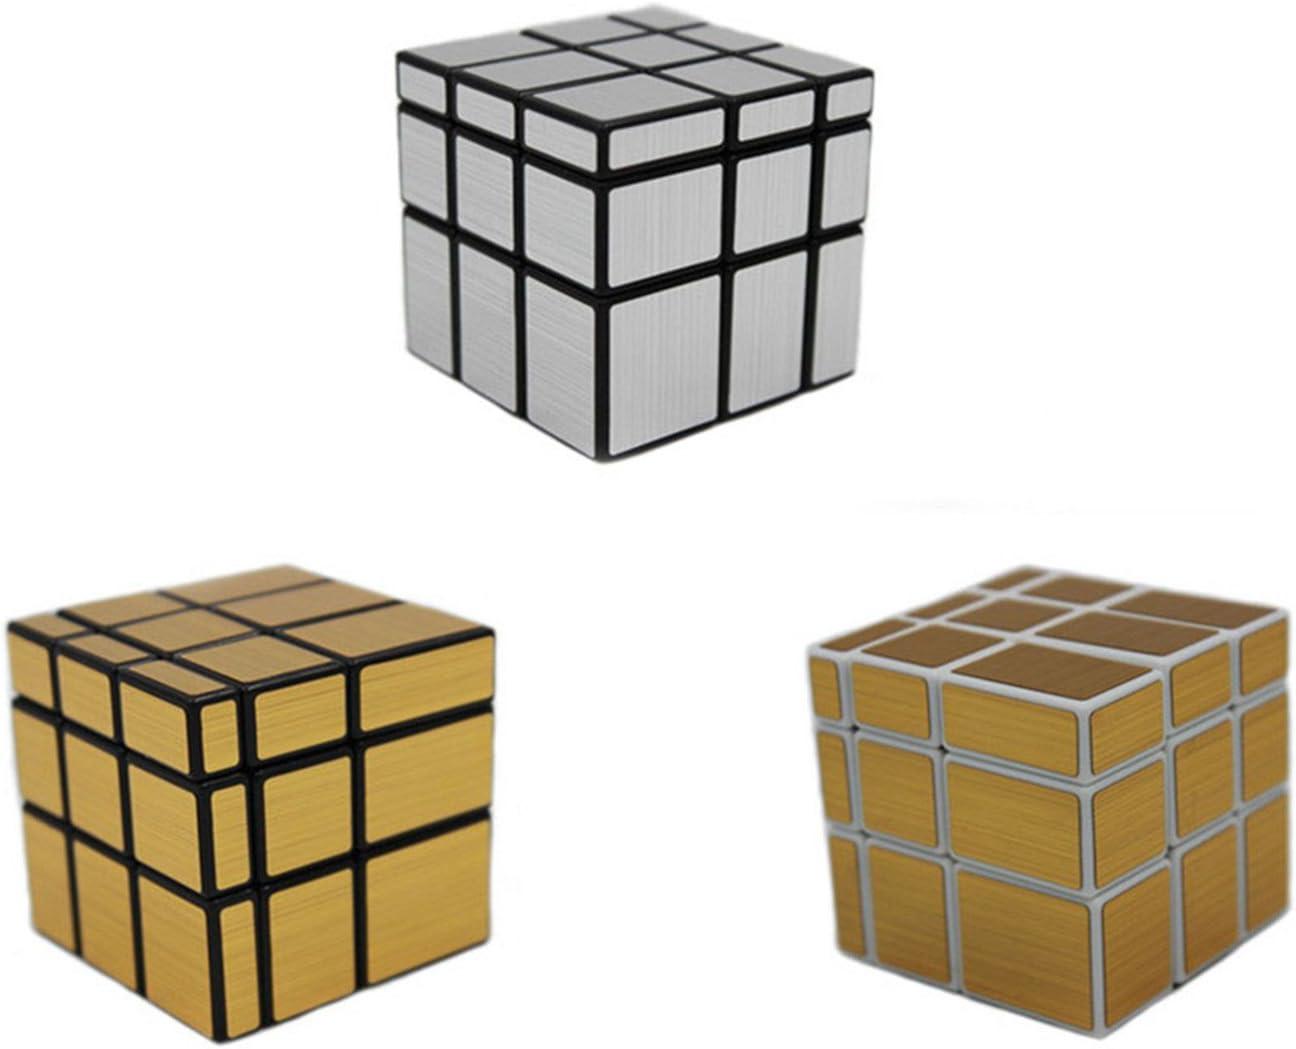 MEISHINE® 3 Pack 2 Dorado Mirror Cube + 1 Silver Mirror Cube Cubo Mágico Inteligencia Mágico Cubo de la Velocidad Juego de Puzzle Cube Speed Magic Cube Stickerless: Amazon.es: Juguetes y juegos